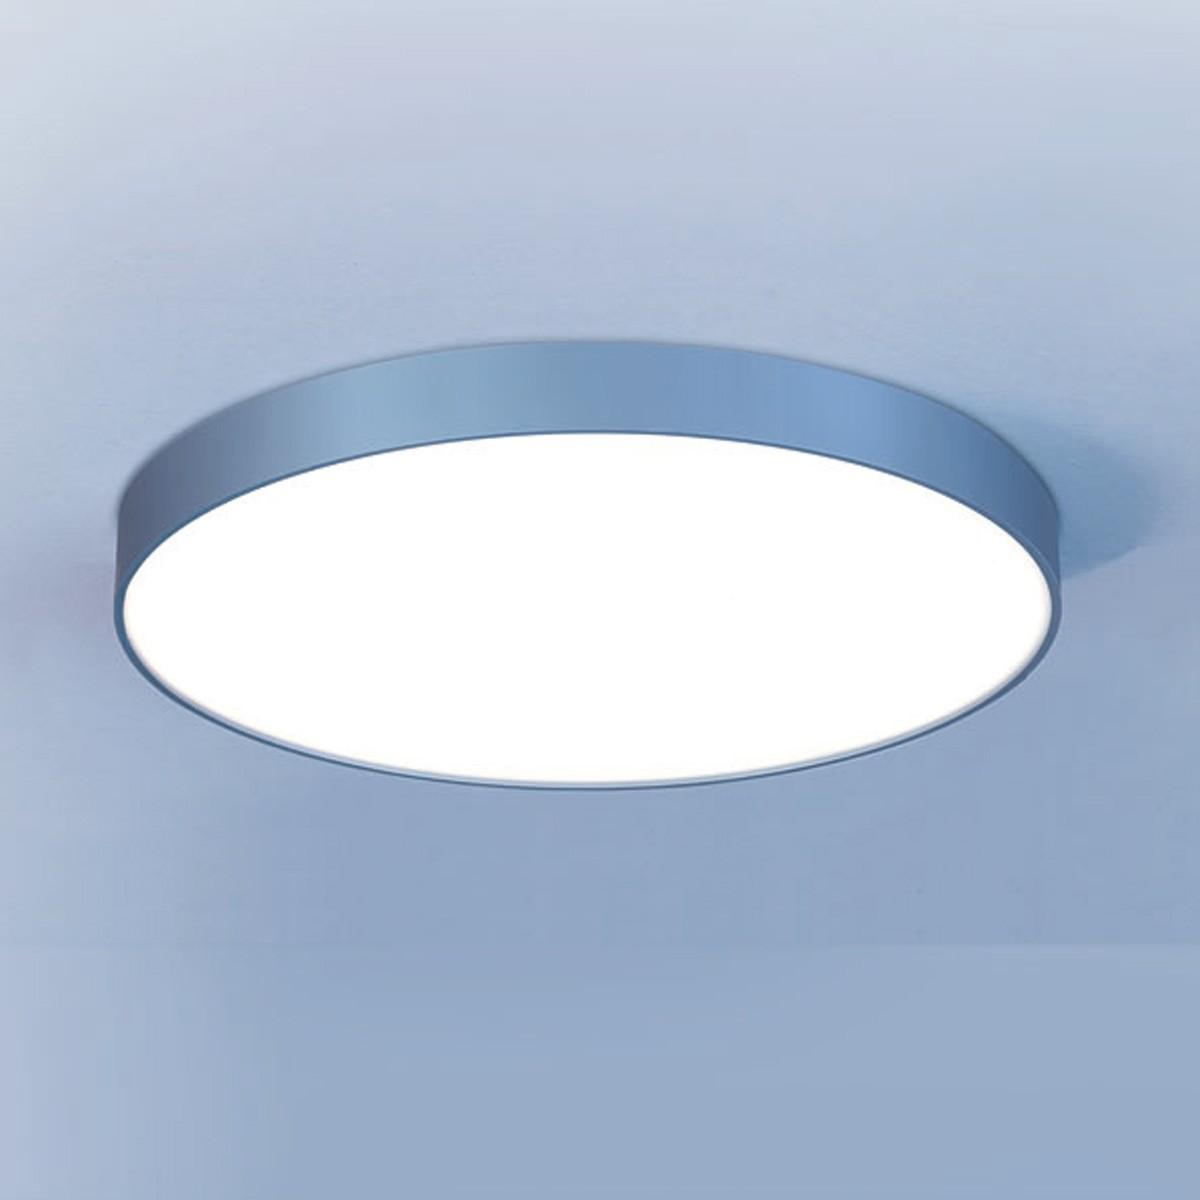 Lightnet Basic-A1 IP54 Wand- / Deckenleuchte, Ø: 30 cm, Silber matt